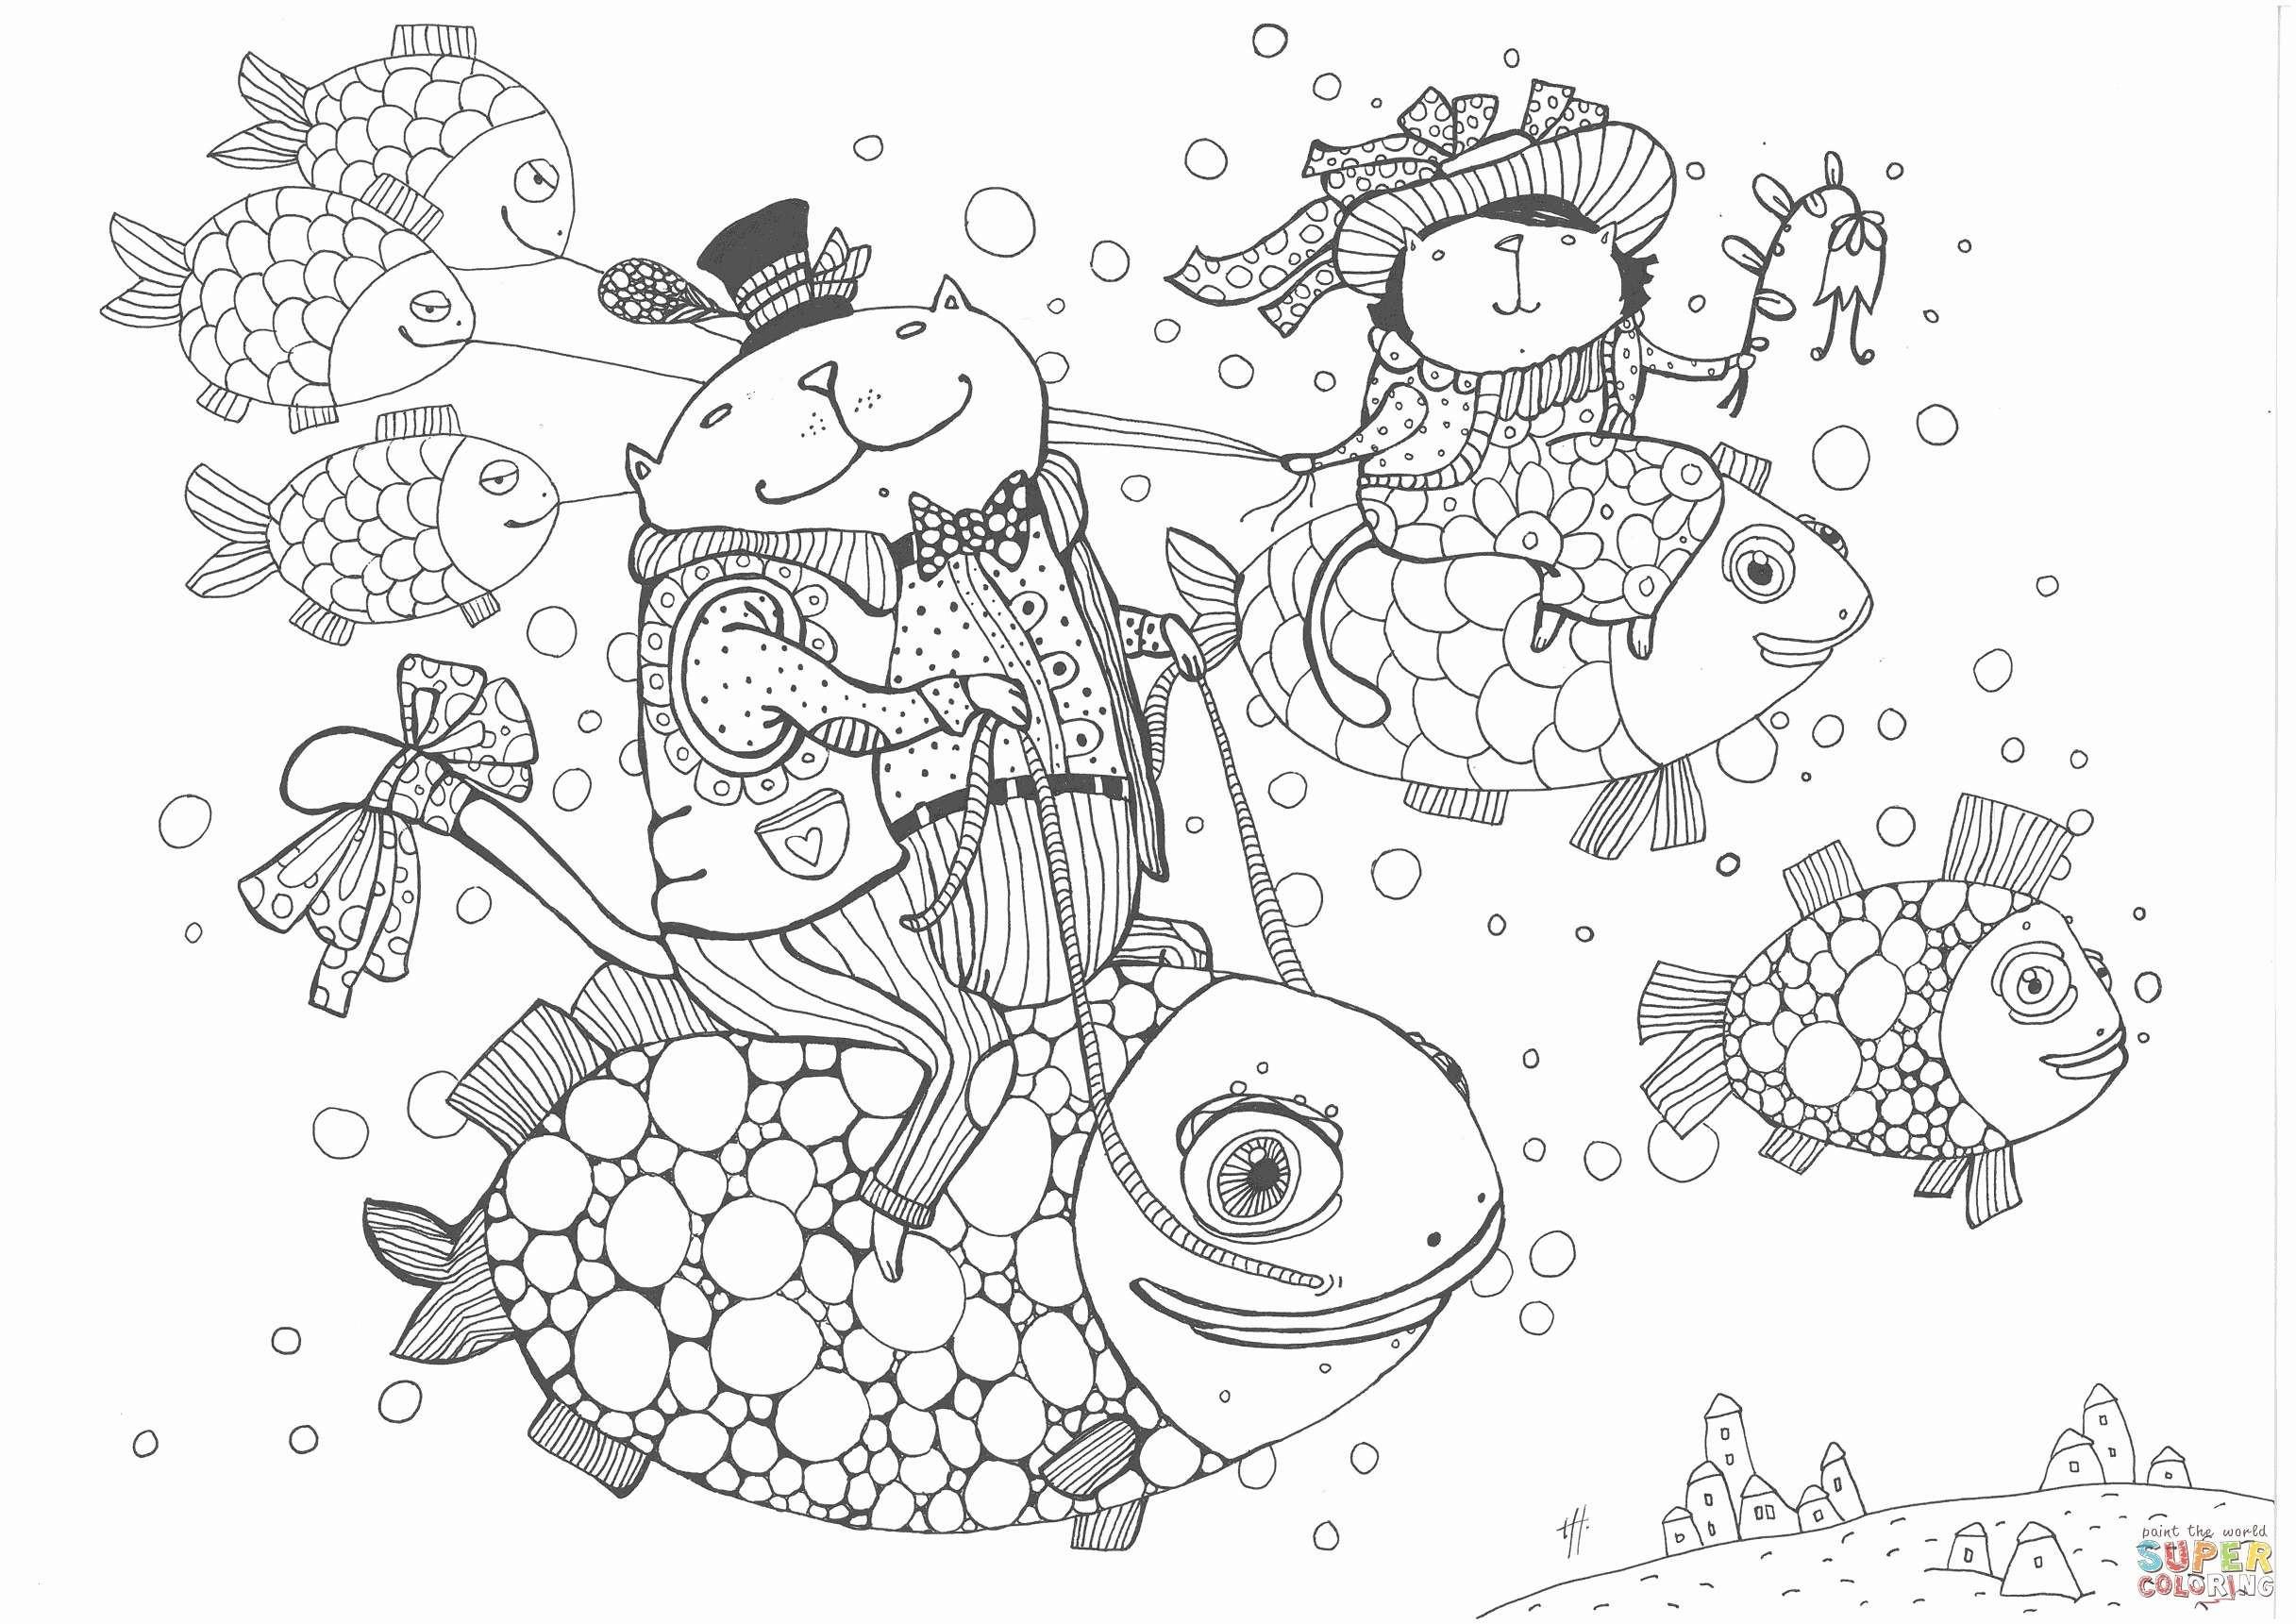 Disney Weihnachtsbilder Ausmalen Inspirierend Looney Tunes Ausmalbilder Genial Looney Tunes Christmas Coloring Bild